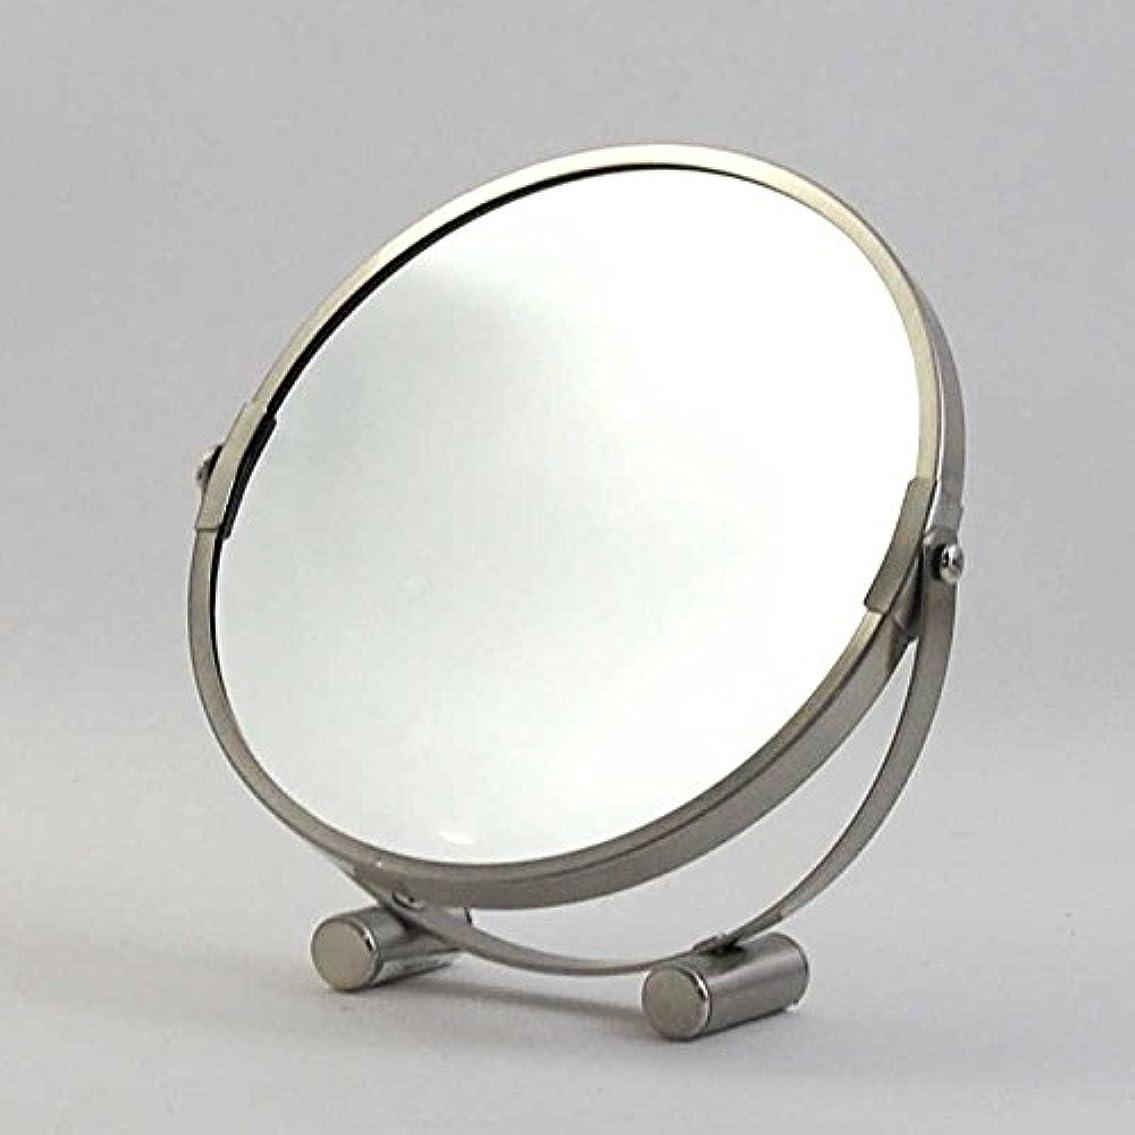 良性くしゃみ効率的卓上ミラー ダルトン ROUND MIRROR ラウンド ミラー A655-723 丸型 両面鏡 拡大鏡付